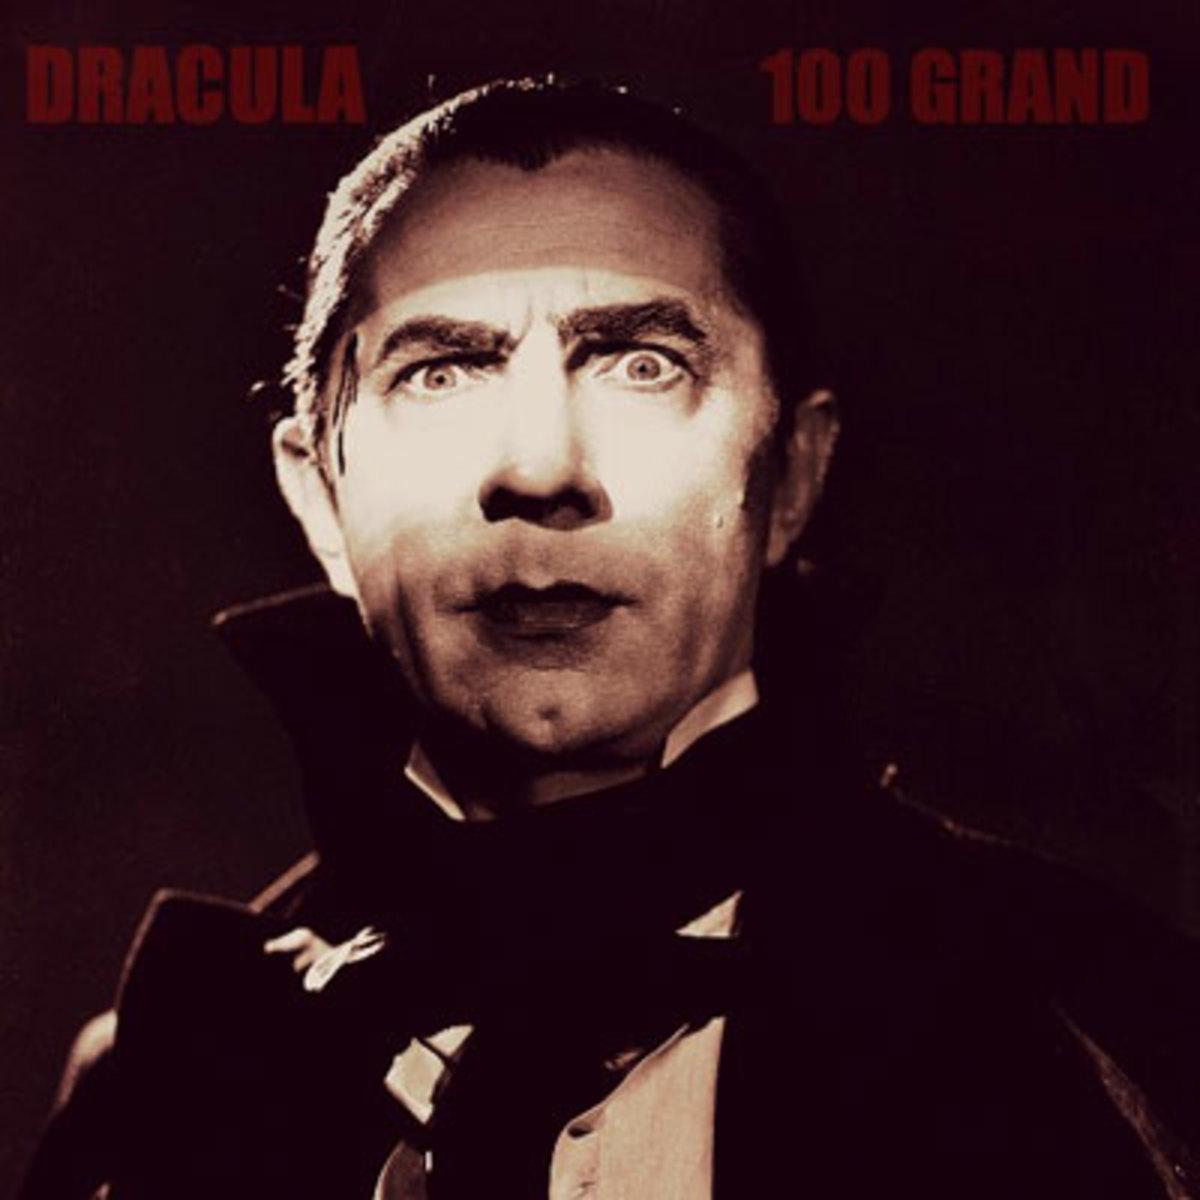 100grand-dracula.jpg